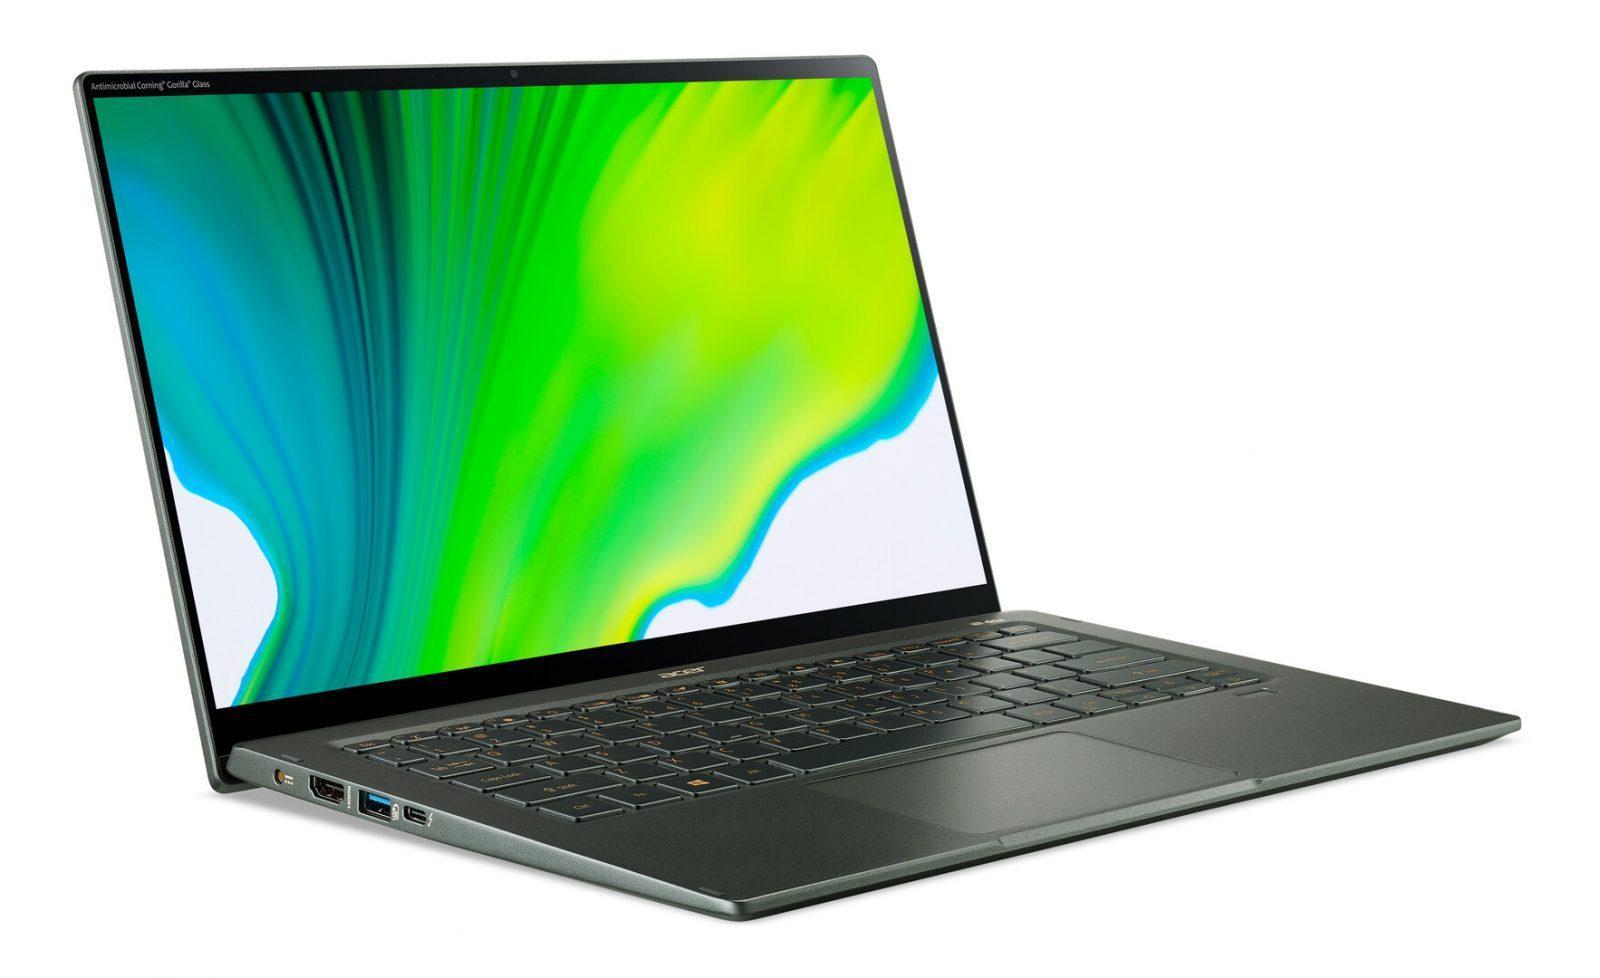 Что купить: ТОП-5 гаджетов для гиков на Новый год (csm Acer Swift 5 SF514 55 High 04 4e3932940b large)